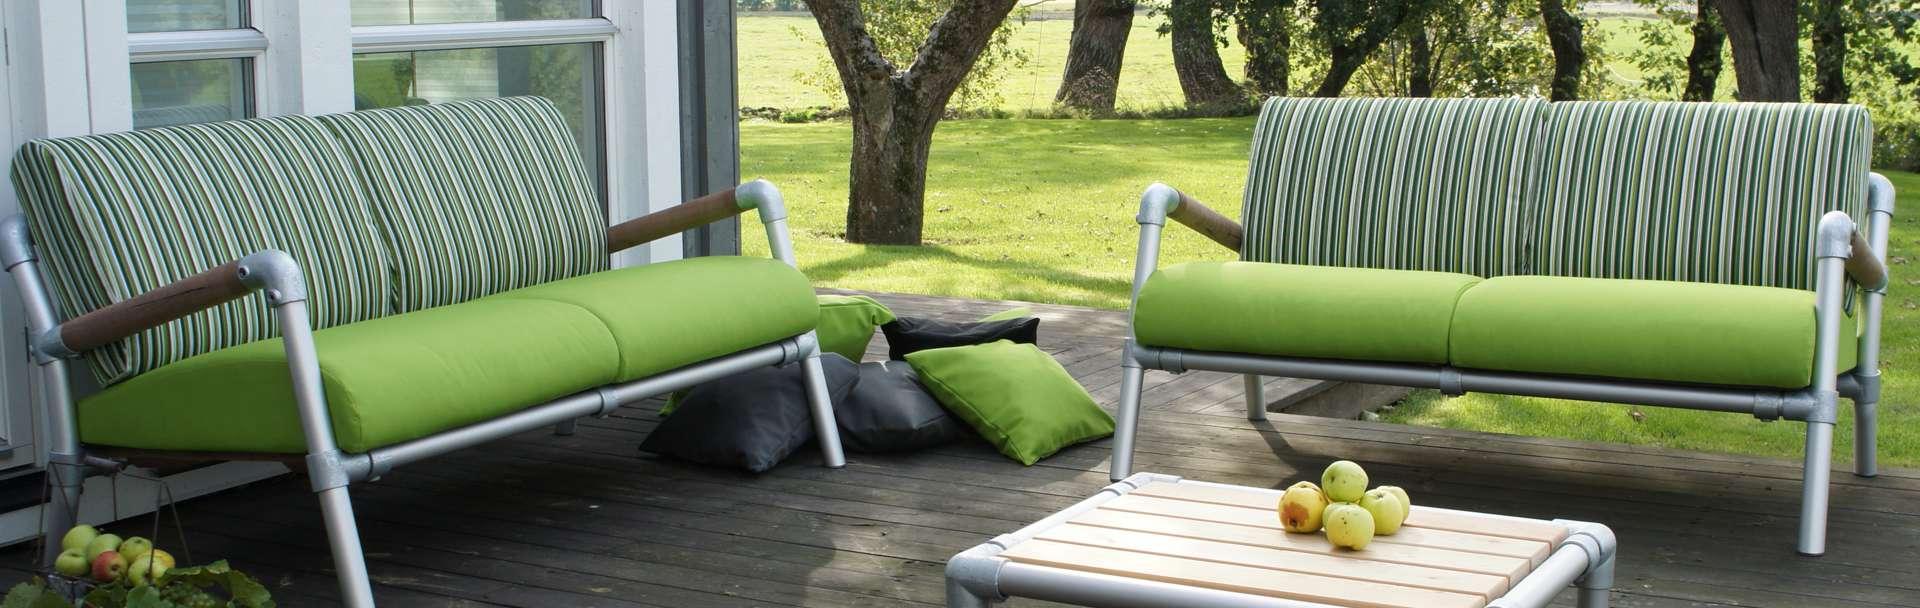 loungebanken tuin in de kleur groen